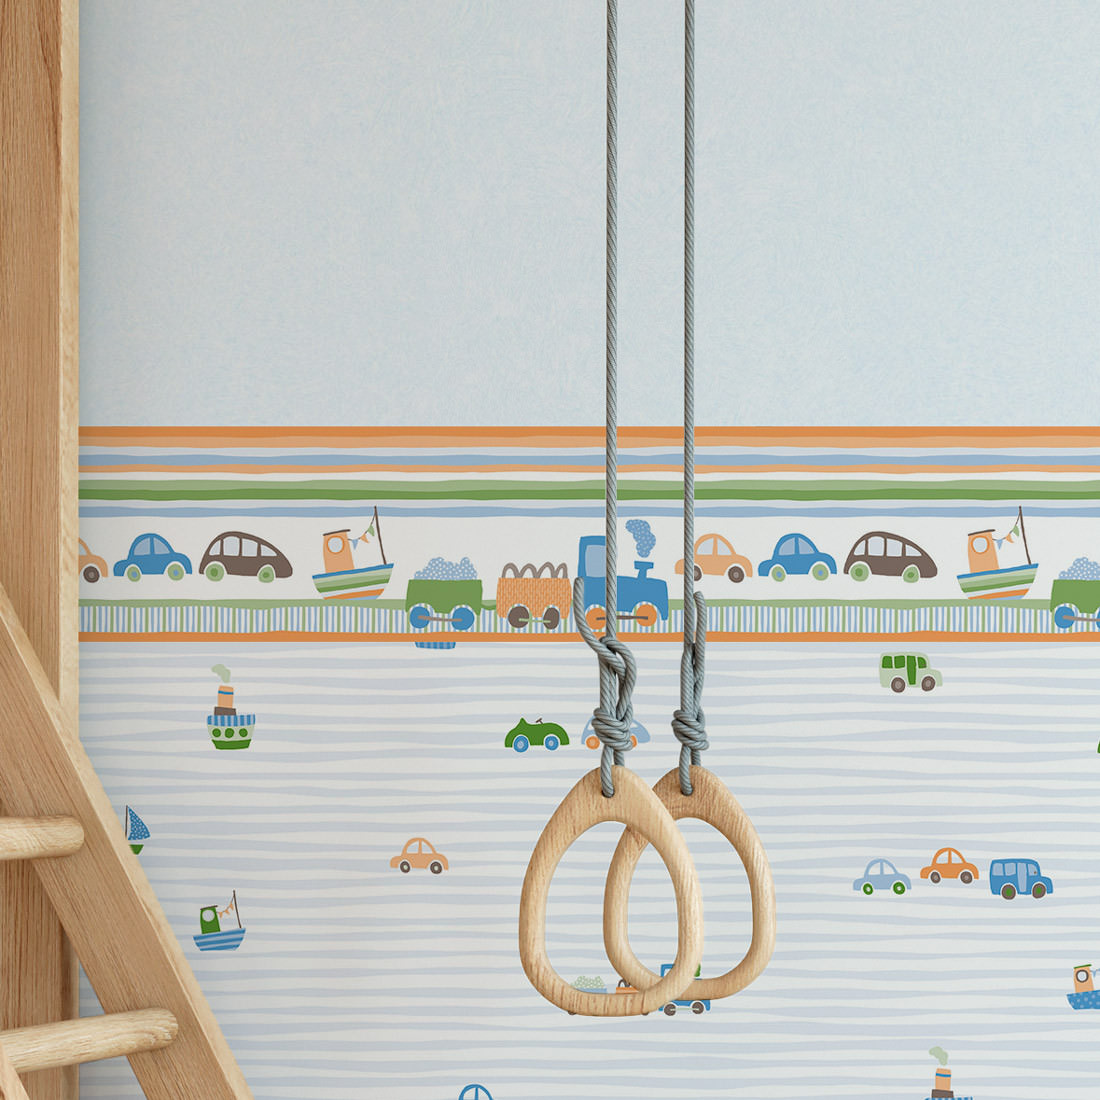 Faixa Decorativa Infantil Trenzinho e Carros - Nido